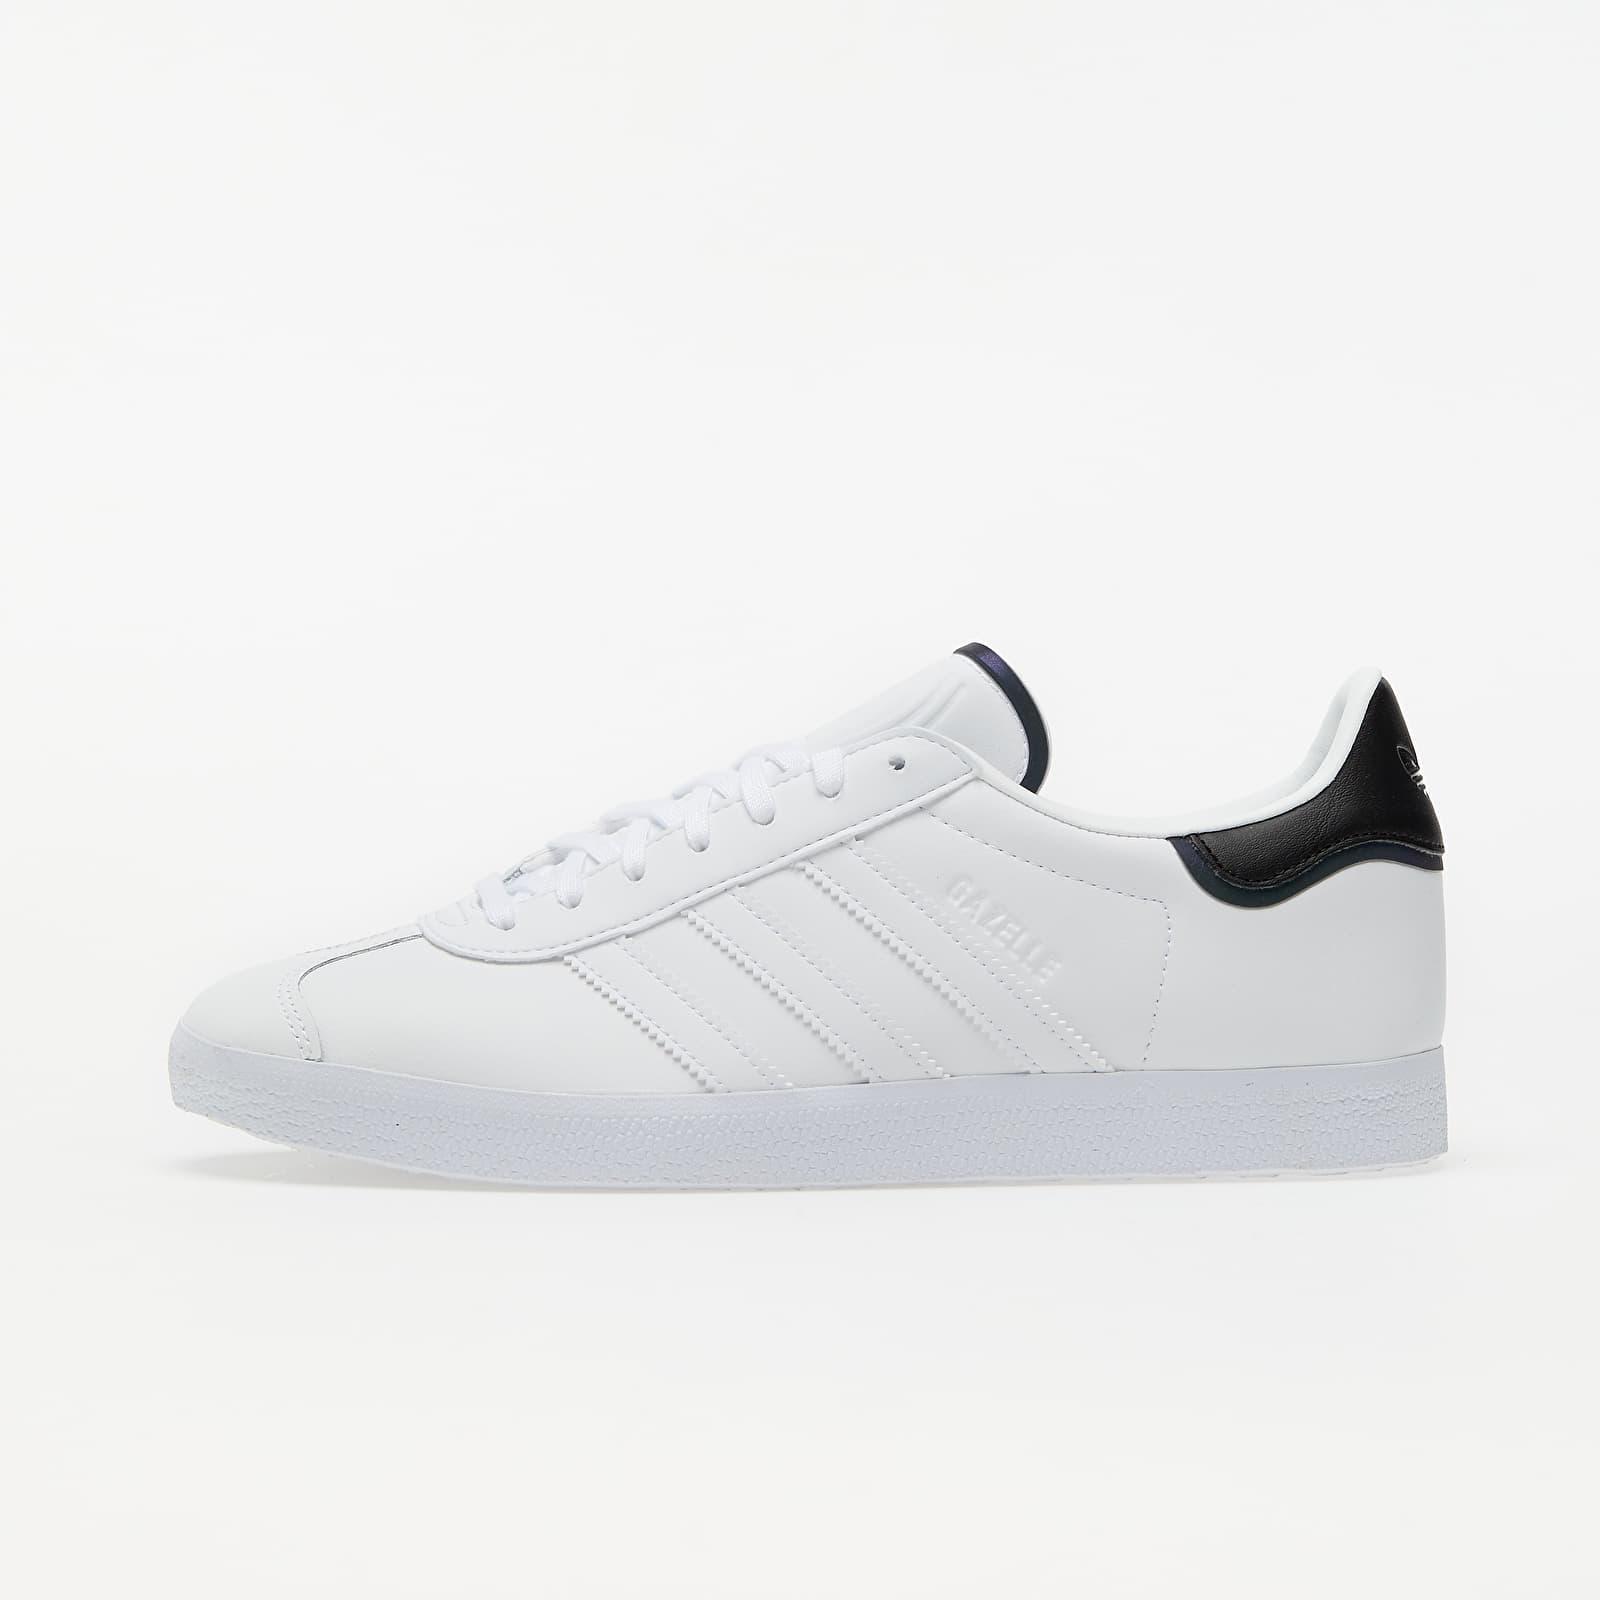 adidas Gazelle Ftw White/ Ftw White/ Core Black EUR 42